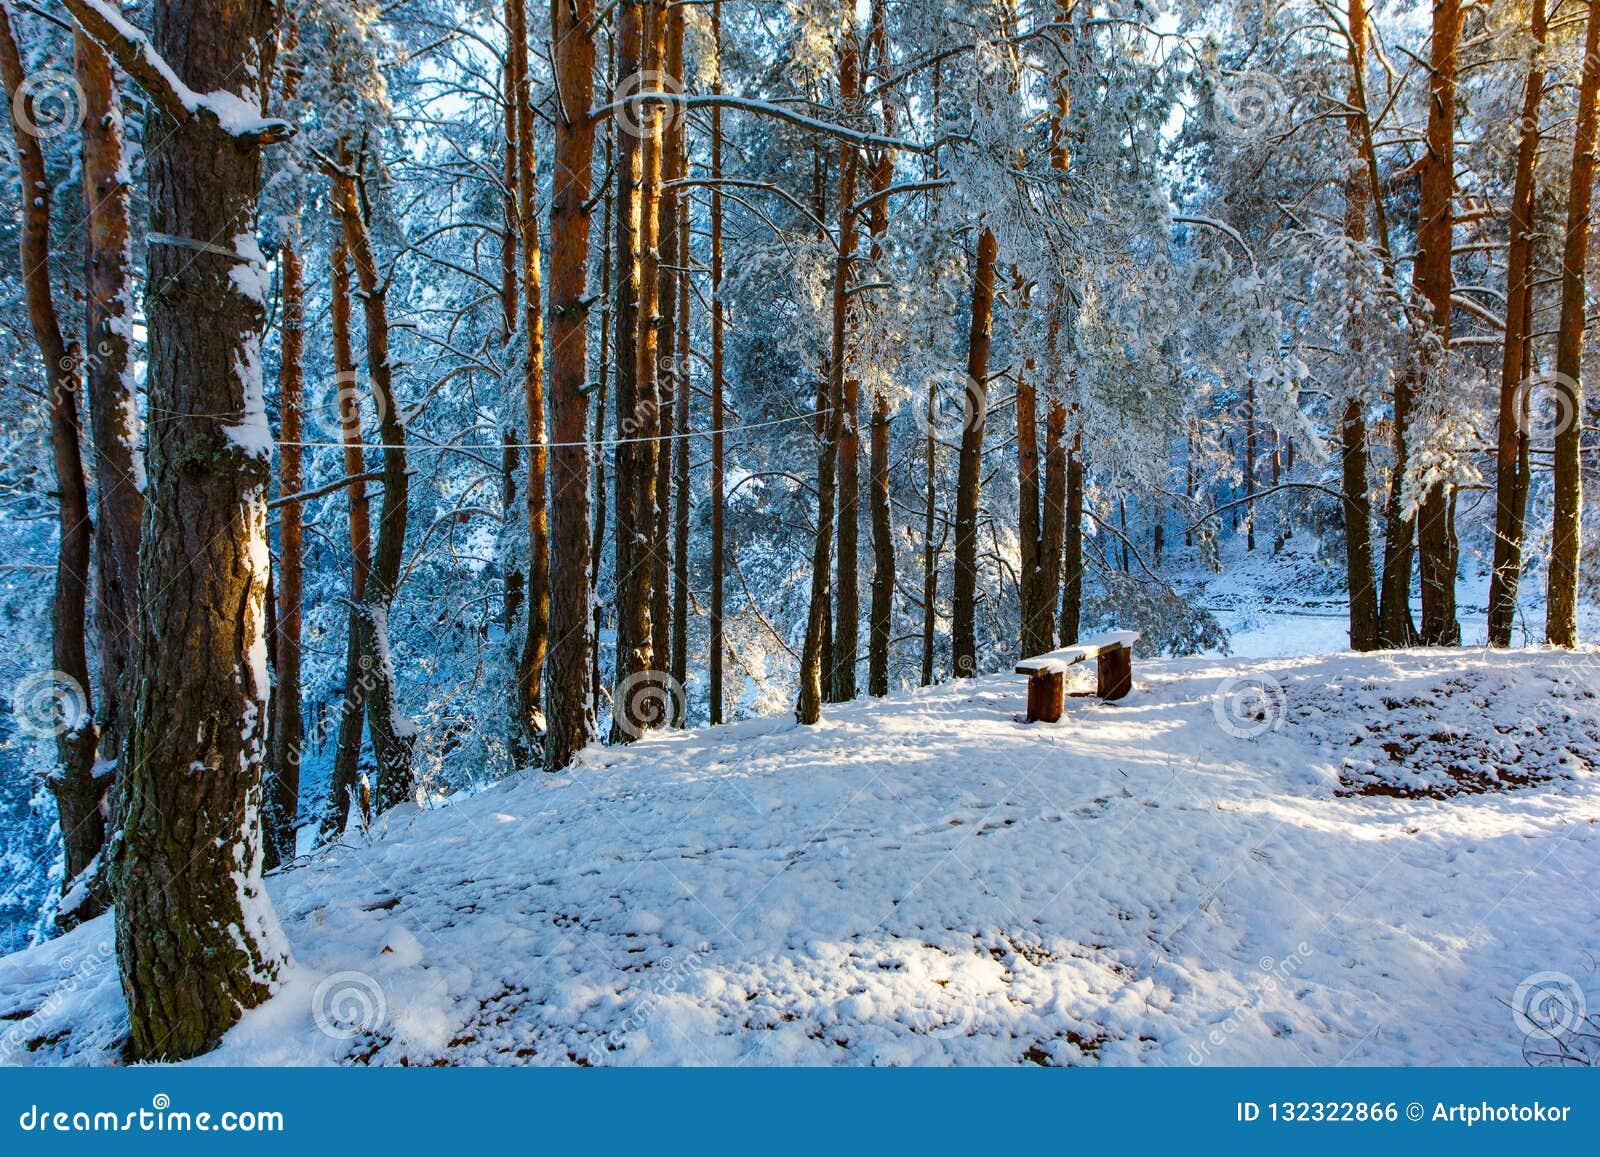 Kleine Reinigung im Kiefernwald bedeckt im Schnee Das Glänzen wird durch die gelben und orange Kreise symbolisiert